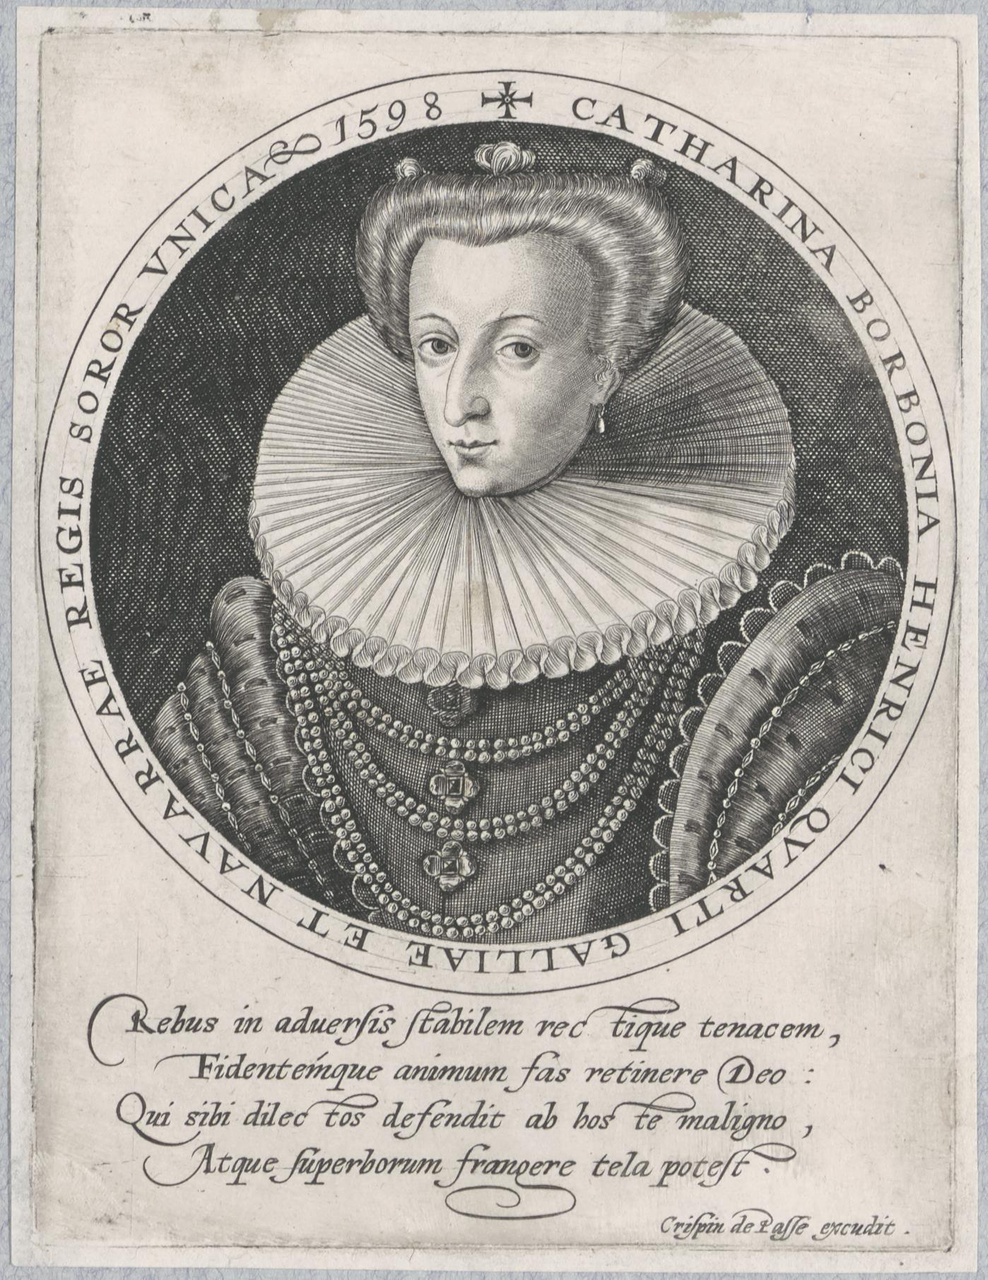 Portret van Catharina de Bourbon, hertogin van Bar (1558-1604)